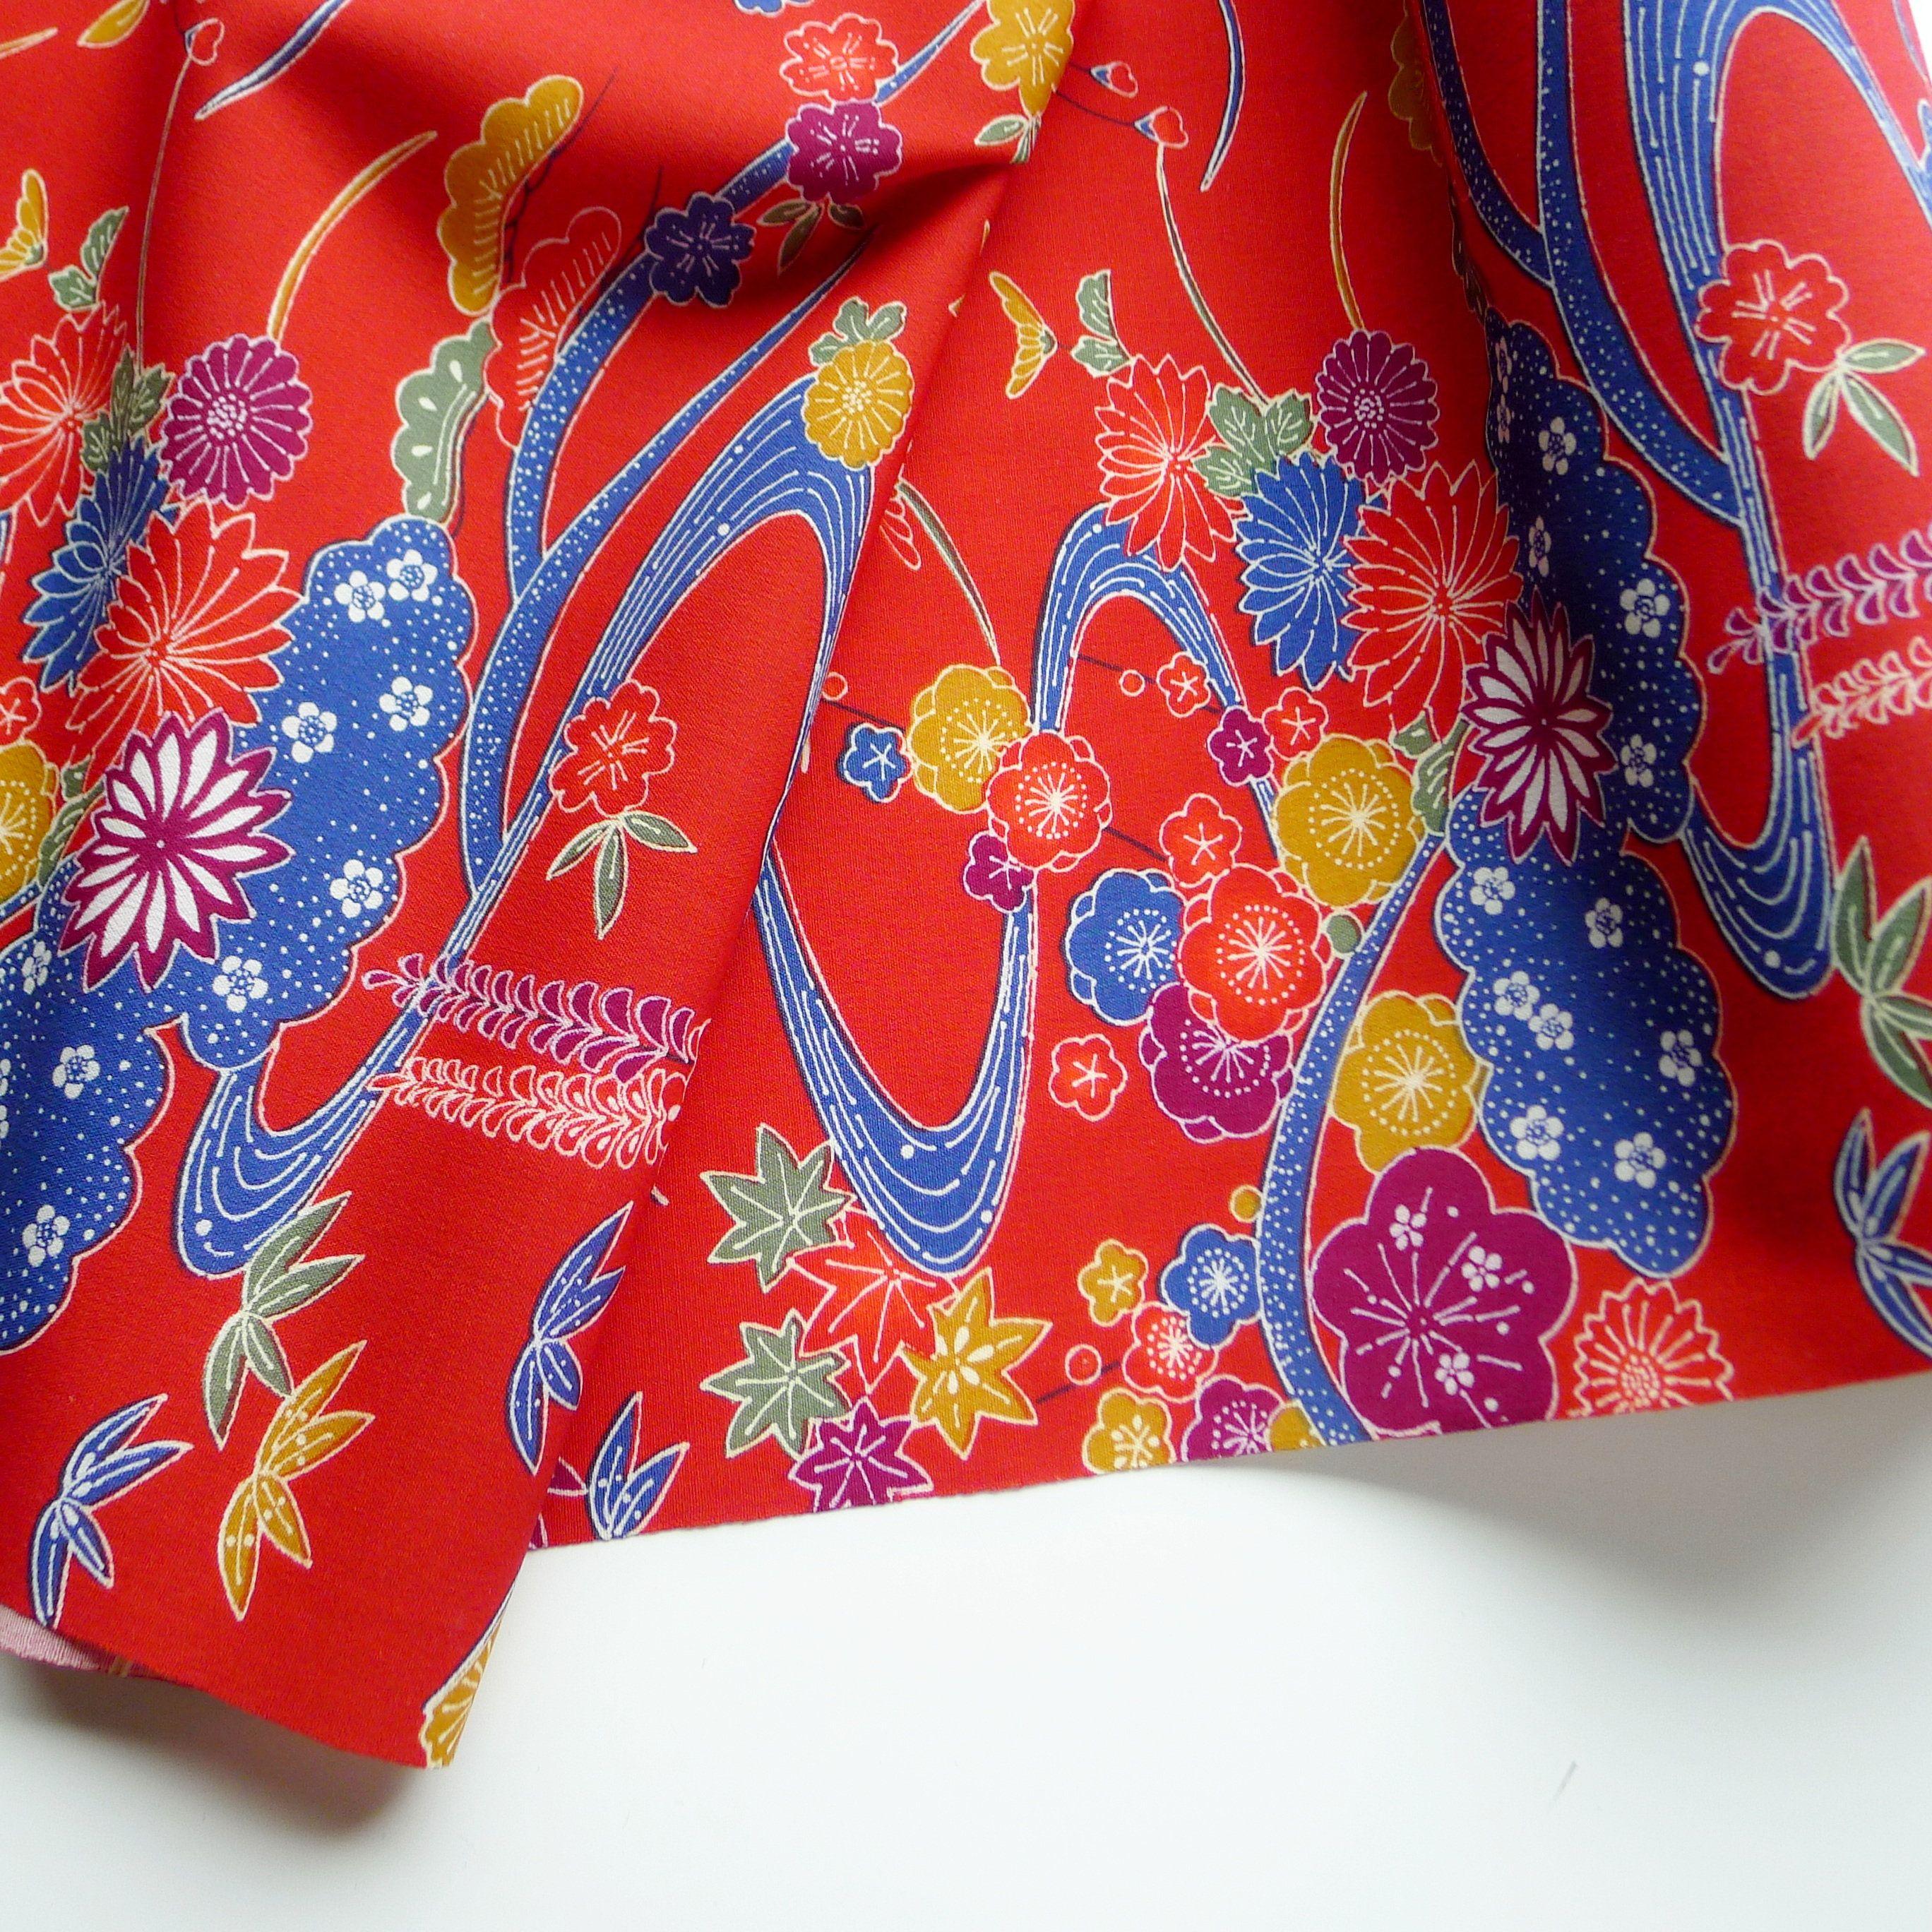 Floral Wool Kimono Fabric Botanical Pattern Unused Bolt By Etsy Kimono Fabric Botanical Pattern Fabric